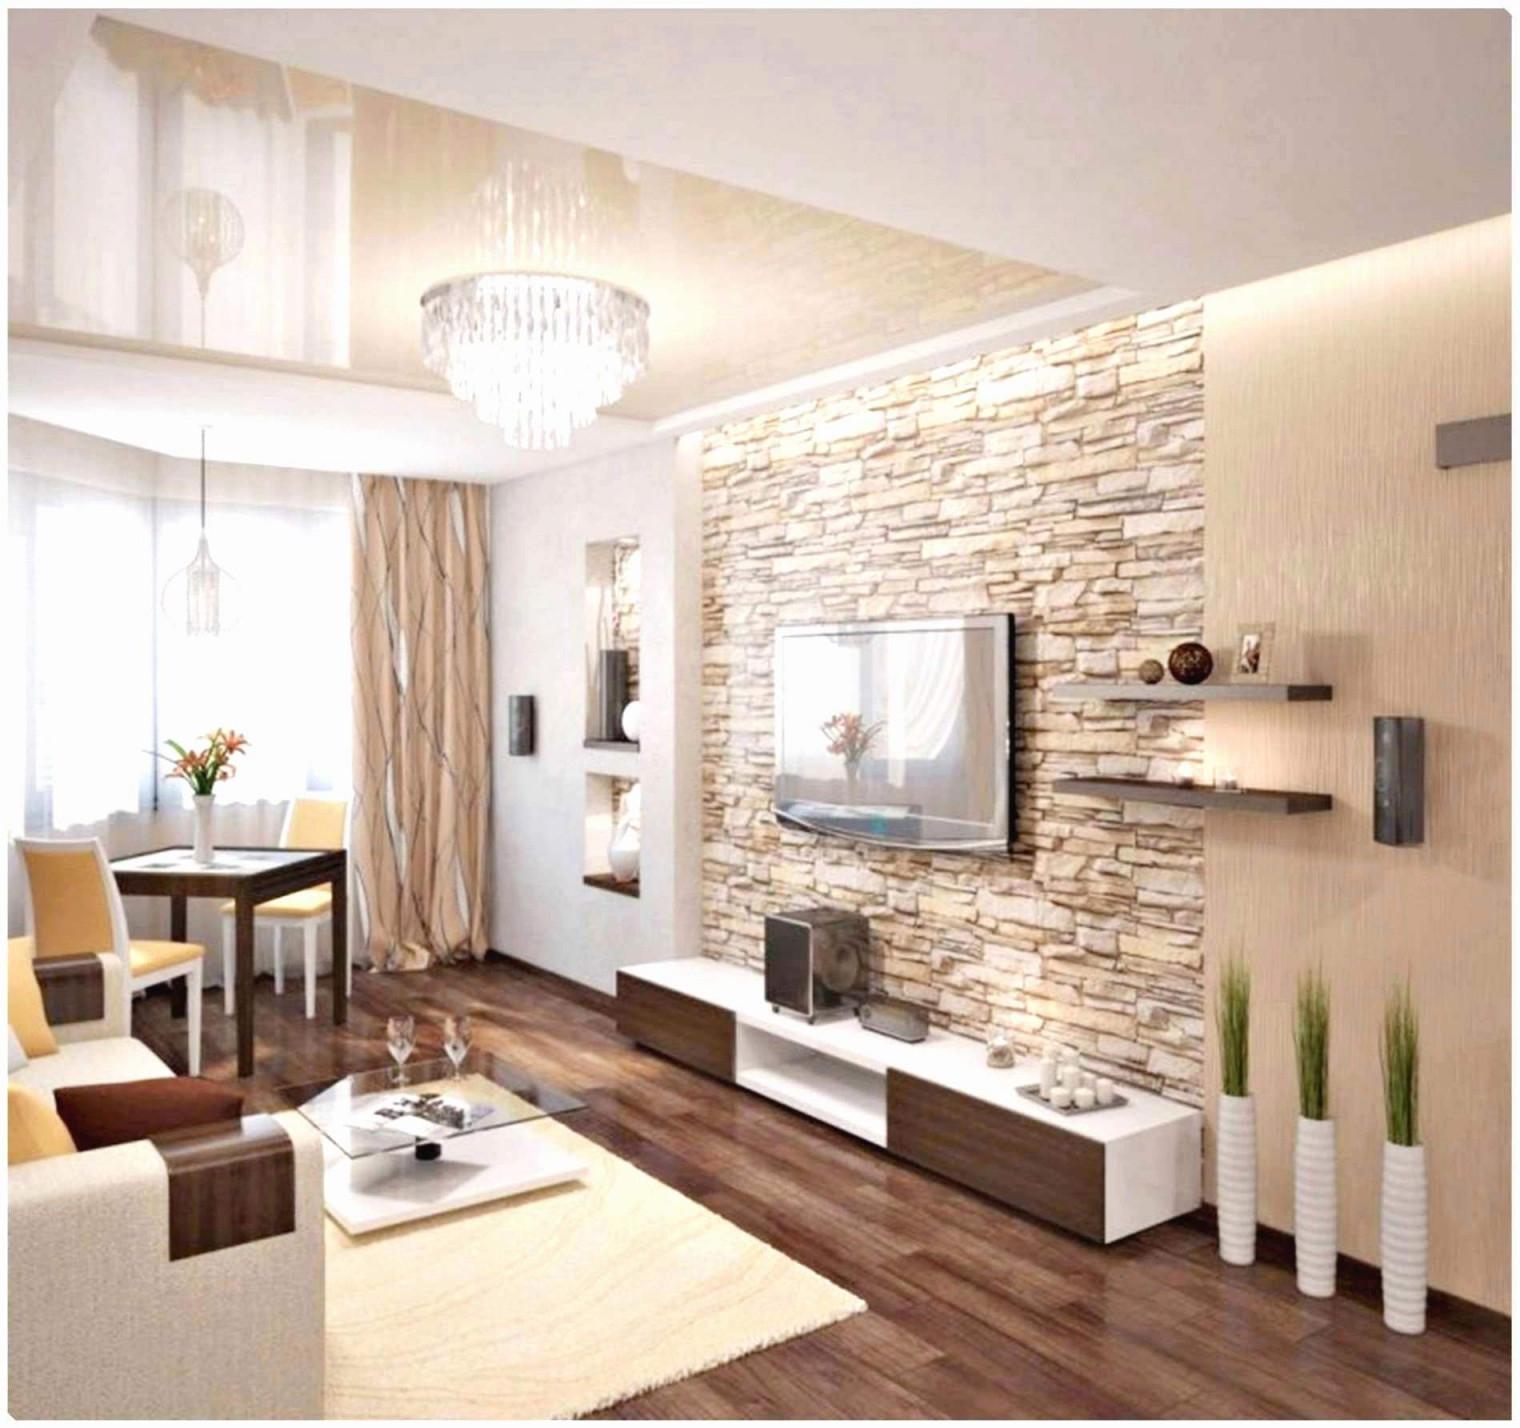 30 Elegant Wohnzimmer Landhausstil Gestalten Luxus von Wohnzimmer Landhausstil Gestalten Bild